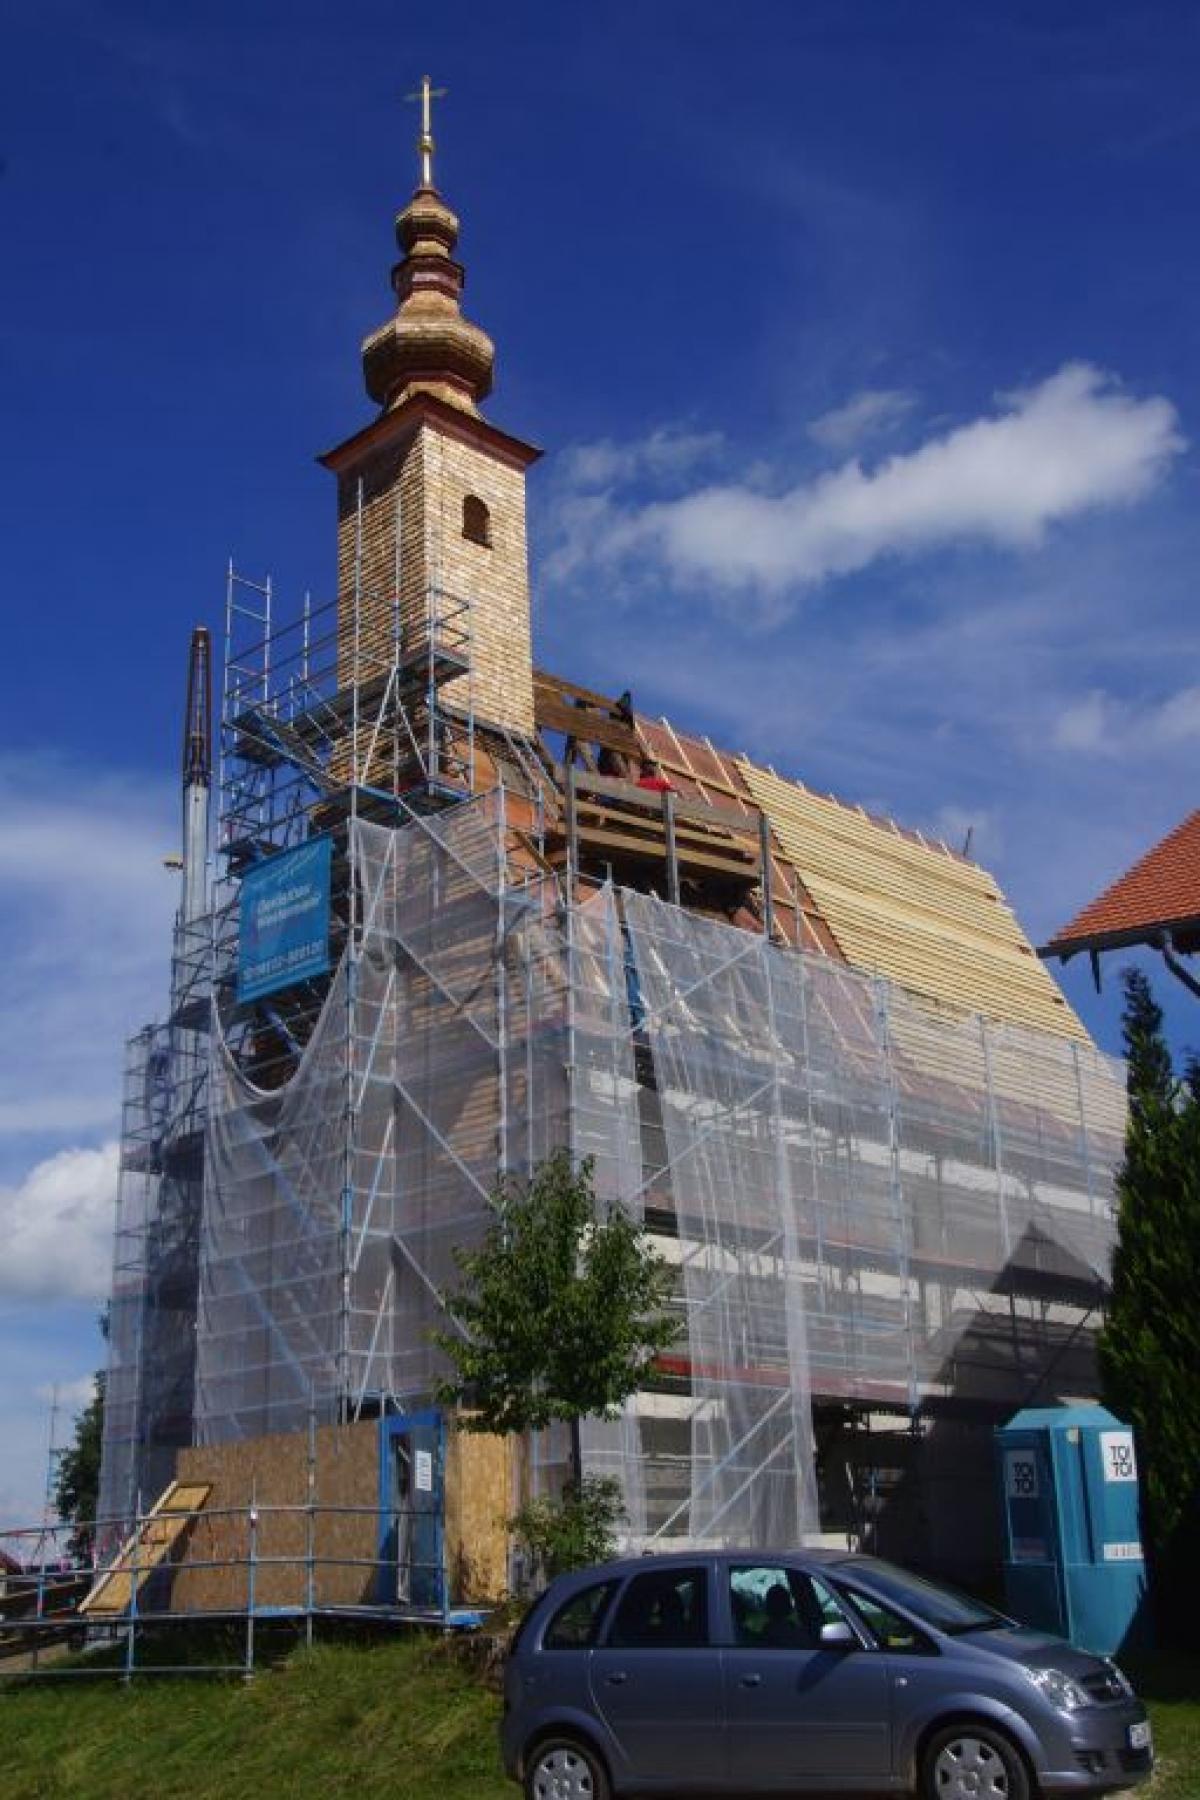 Die Arbeiten am Kirchhallinger Kirchleins schreiten flott voran. Der Turm ist bereits mit den neuen Schindeln bedeckt, nun geht es am Dach weiter.